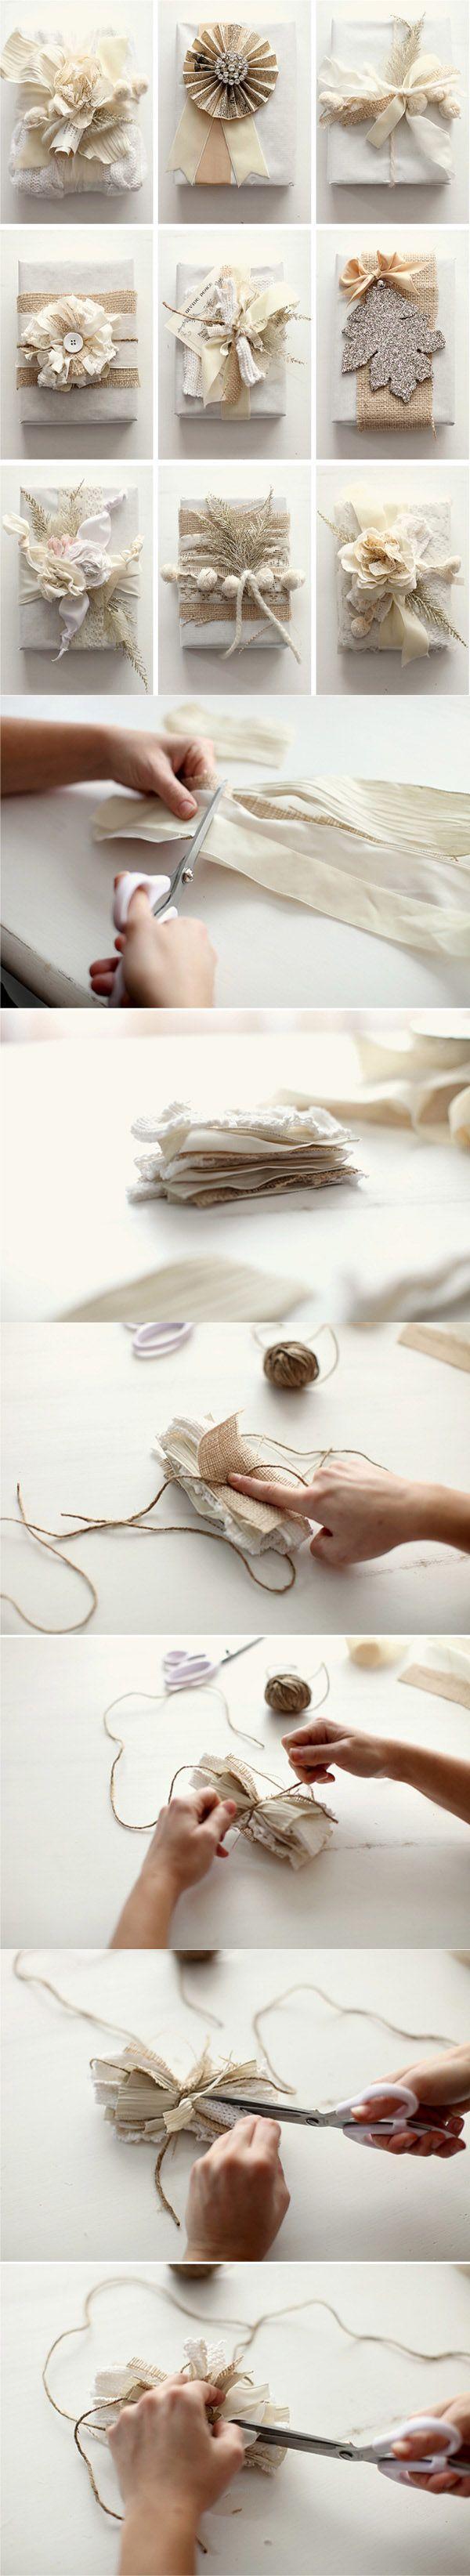 Amazing bow making